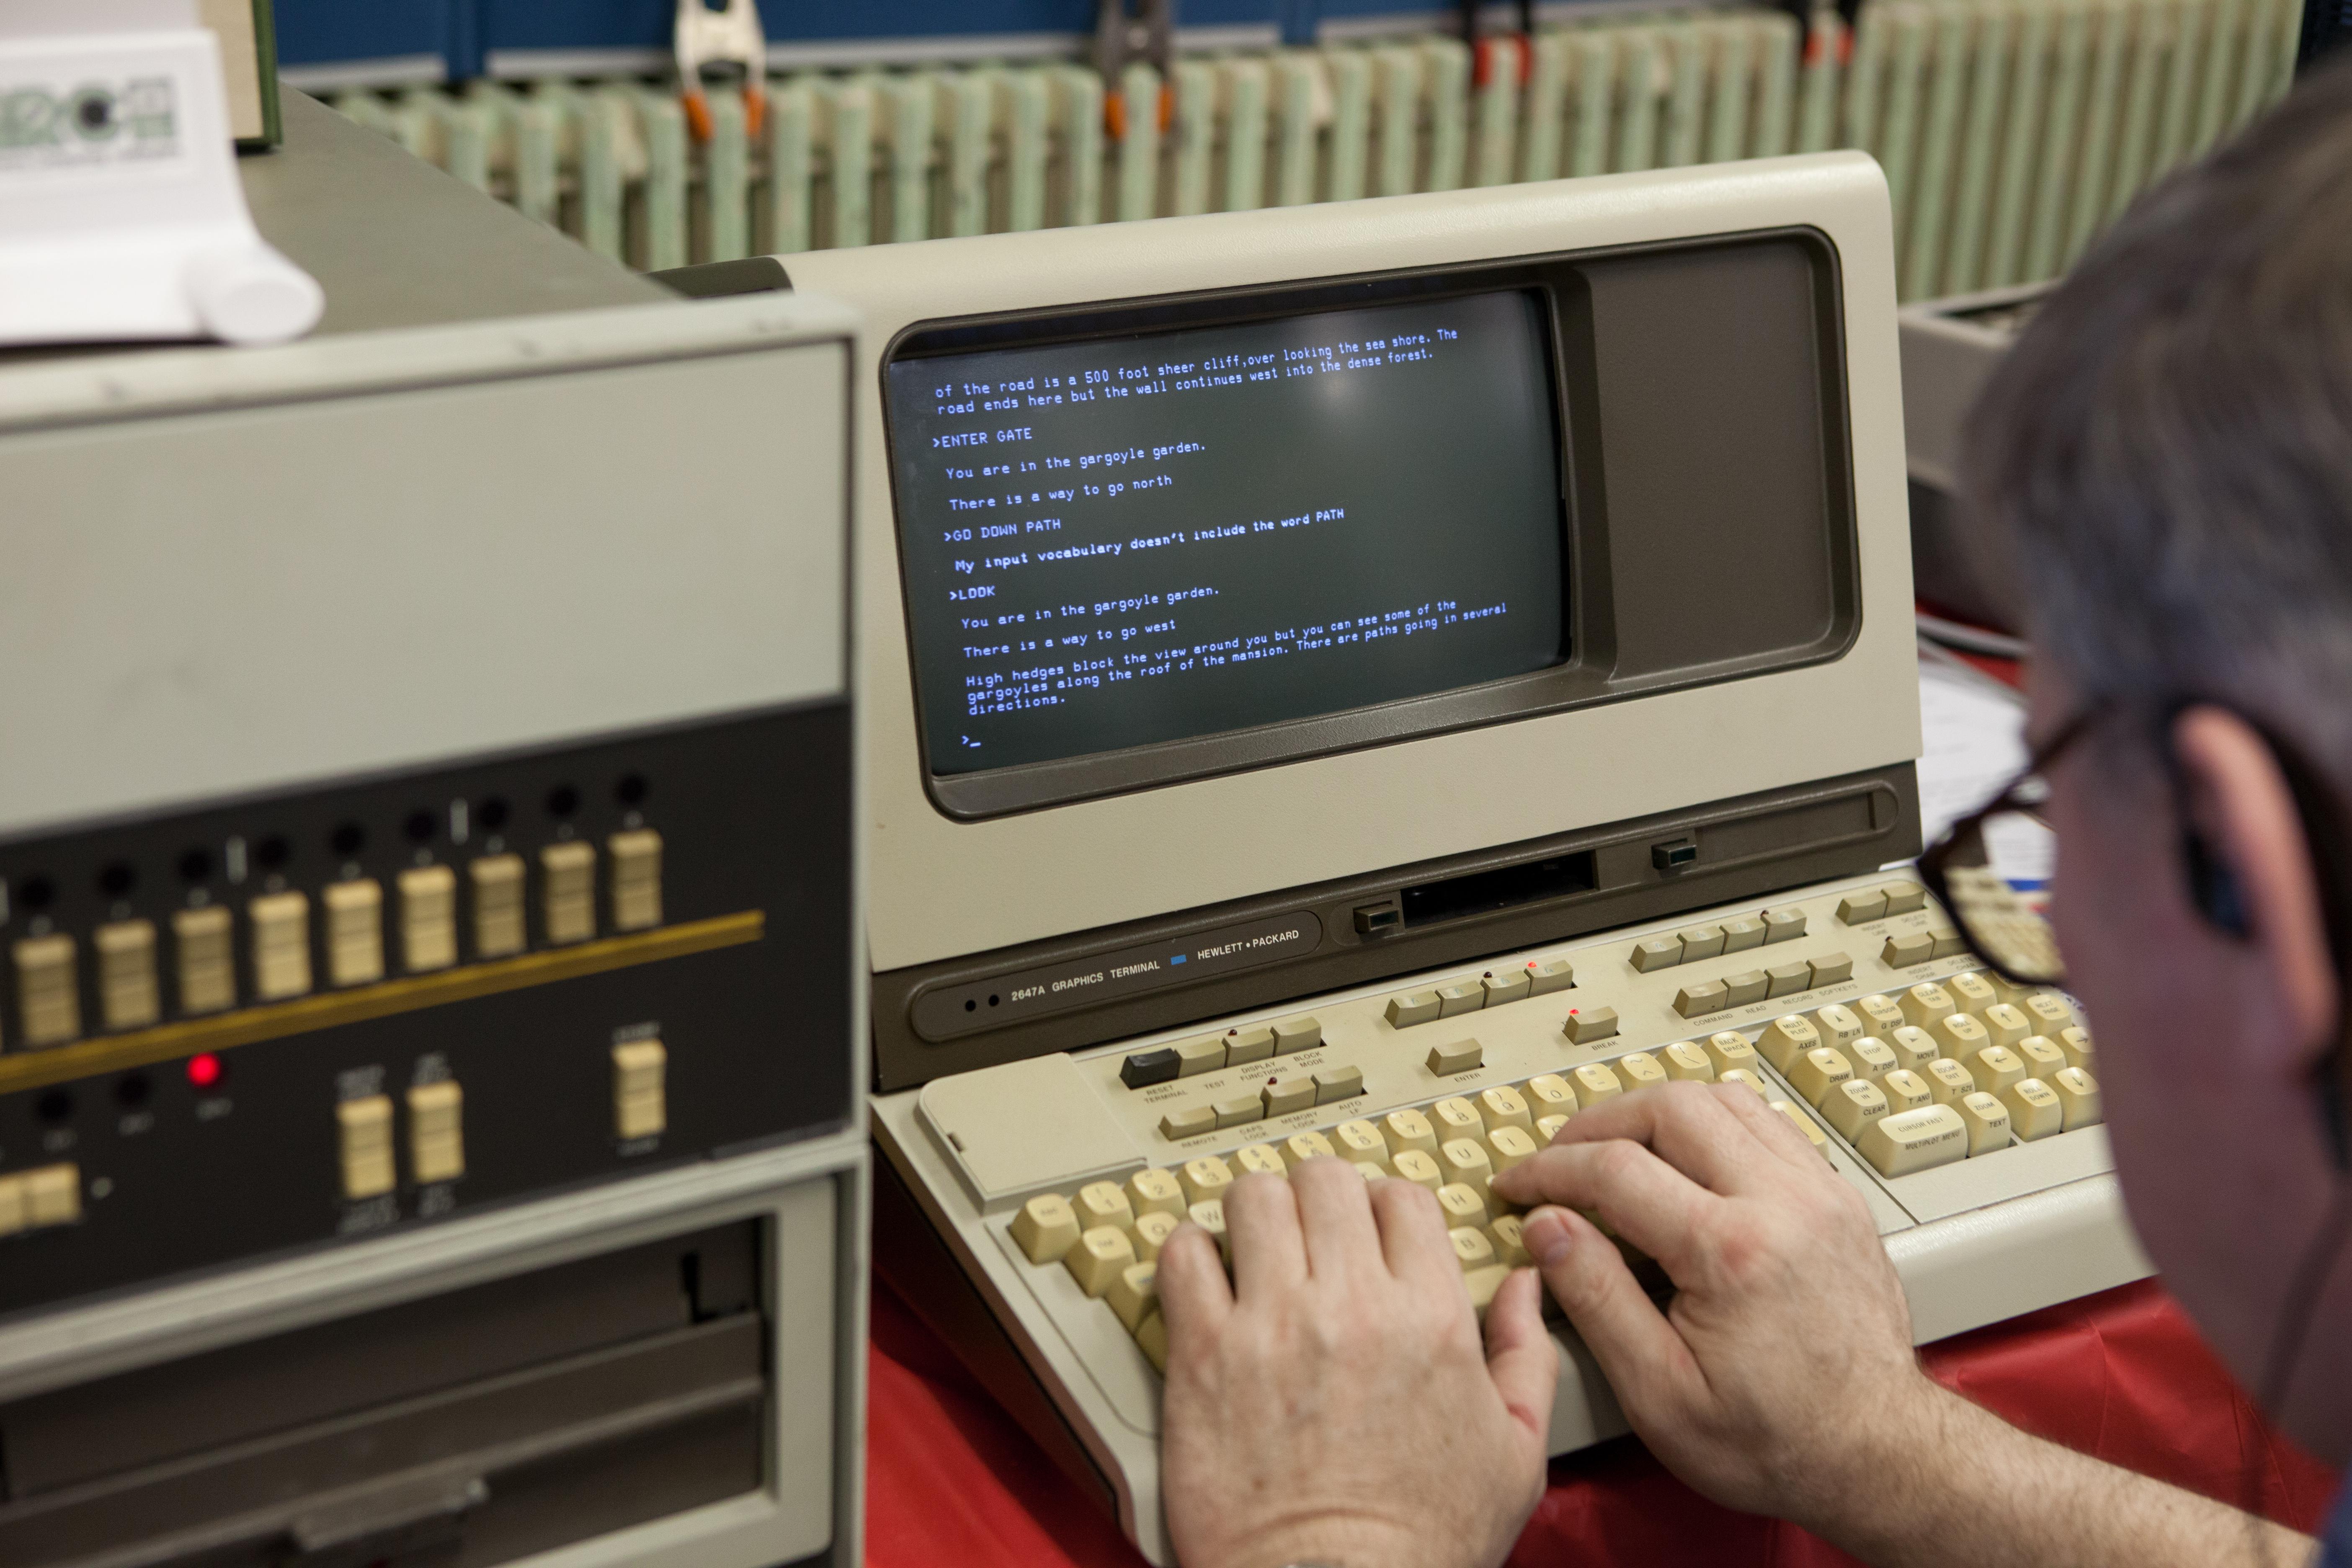 HP_2647A_terminal.jpg